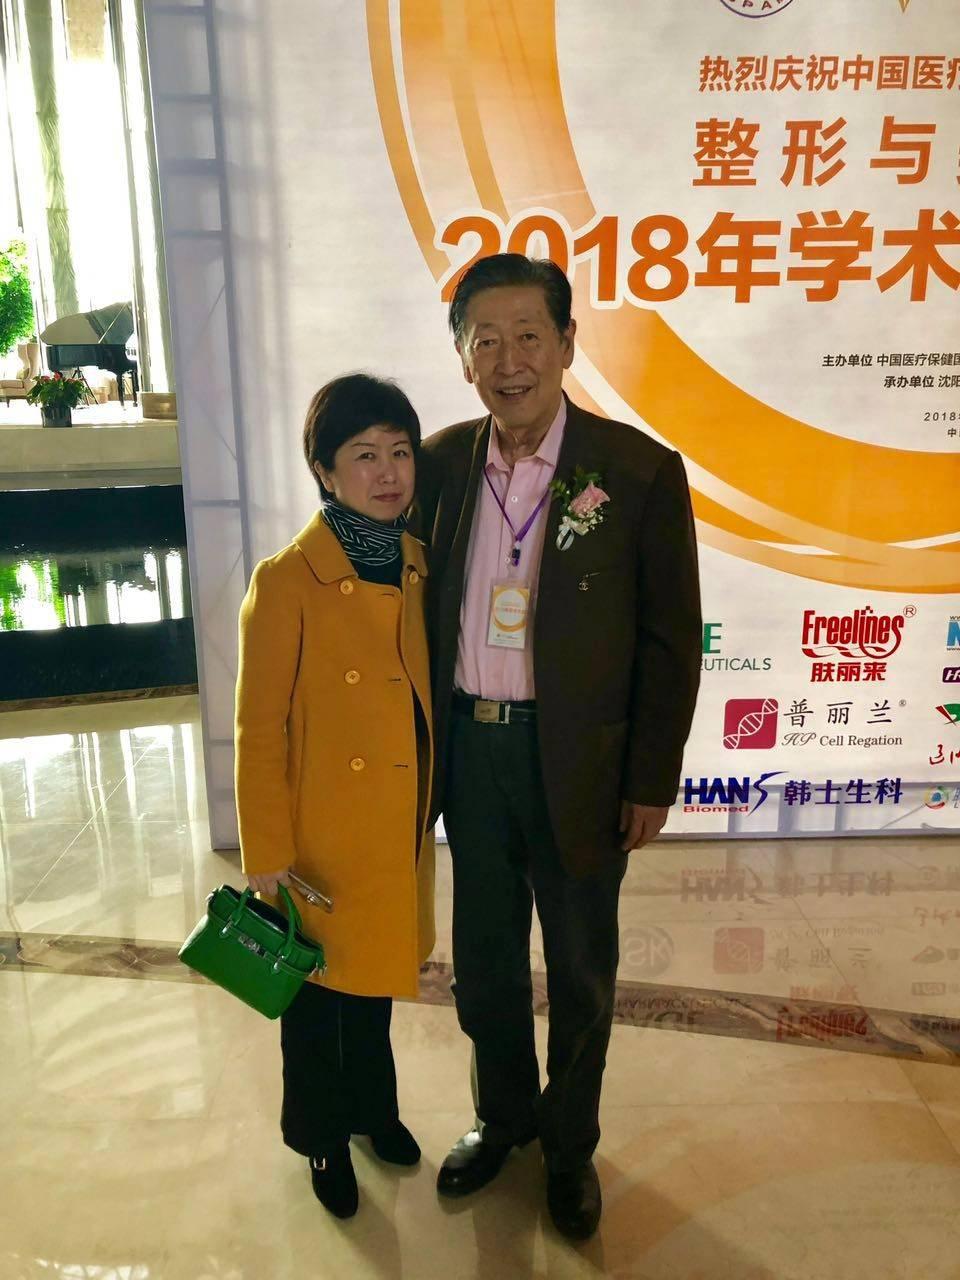 上海南山冯莉院长—新型线雕利改衰老的面部